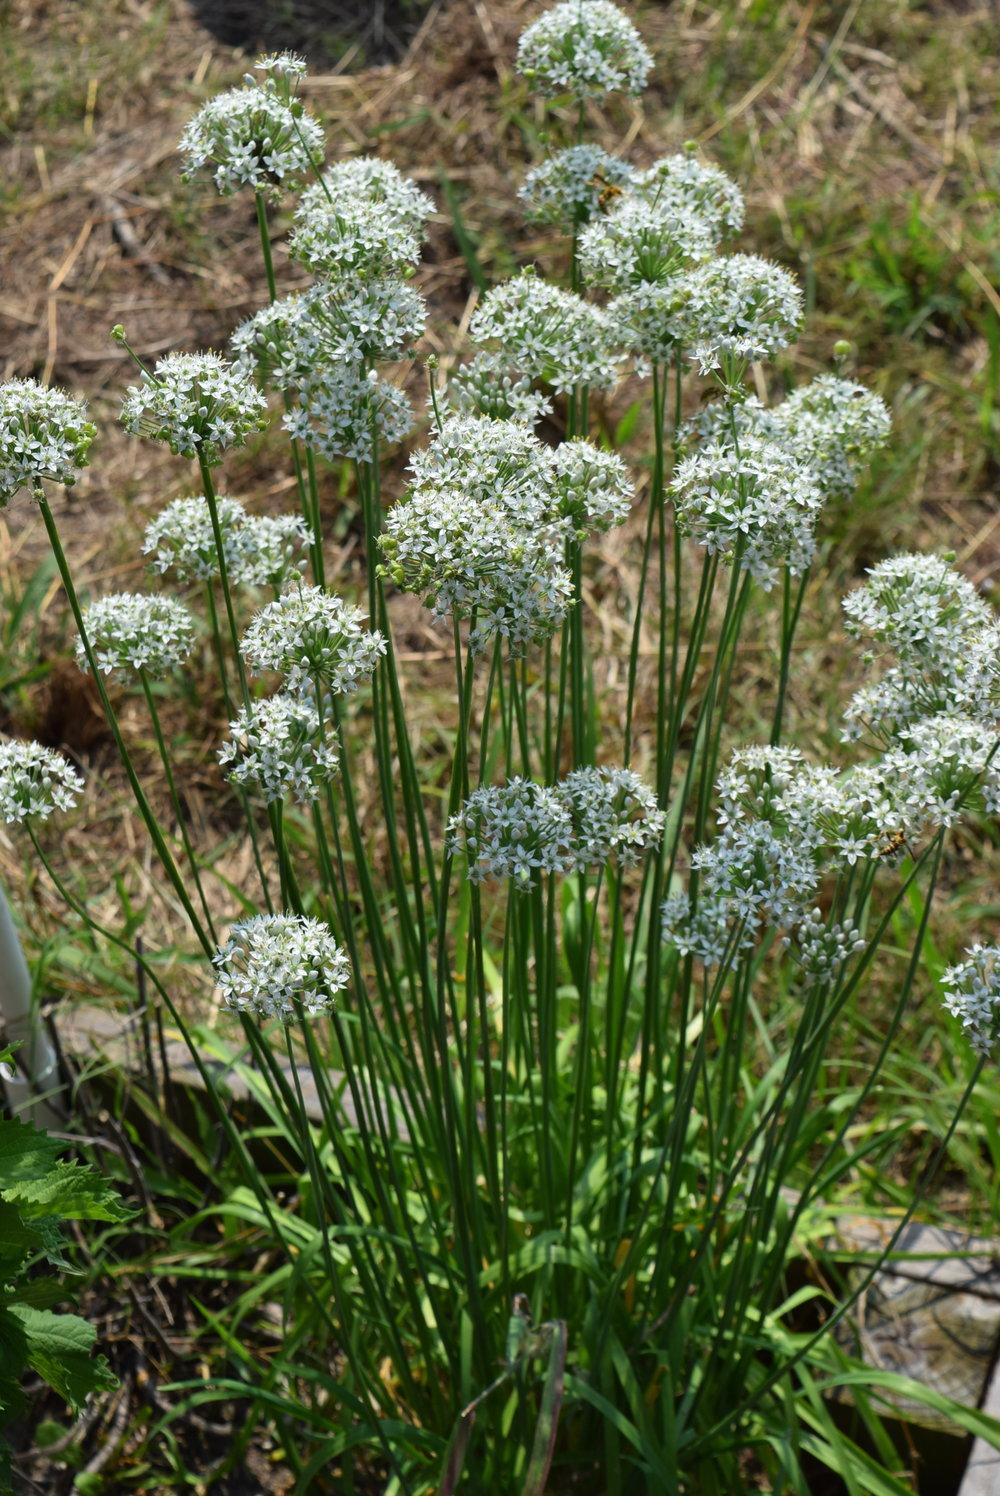 garlic-chives-bloom.jpg